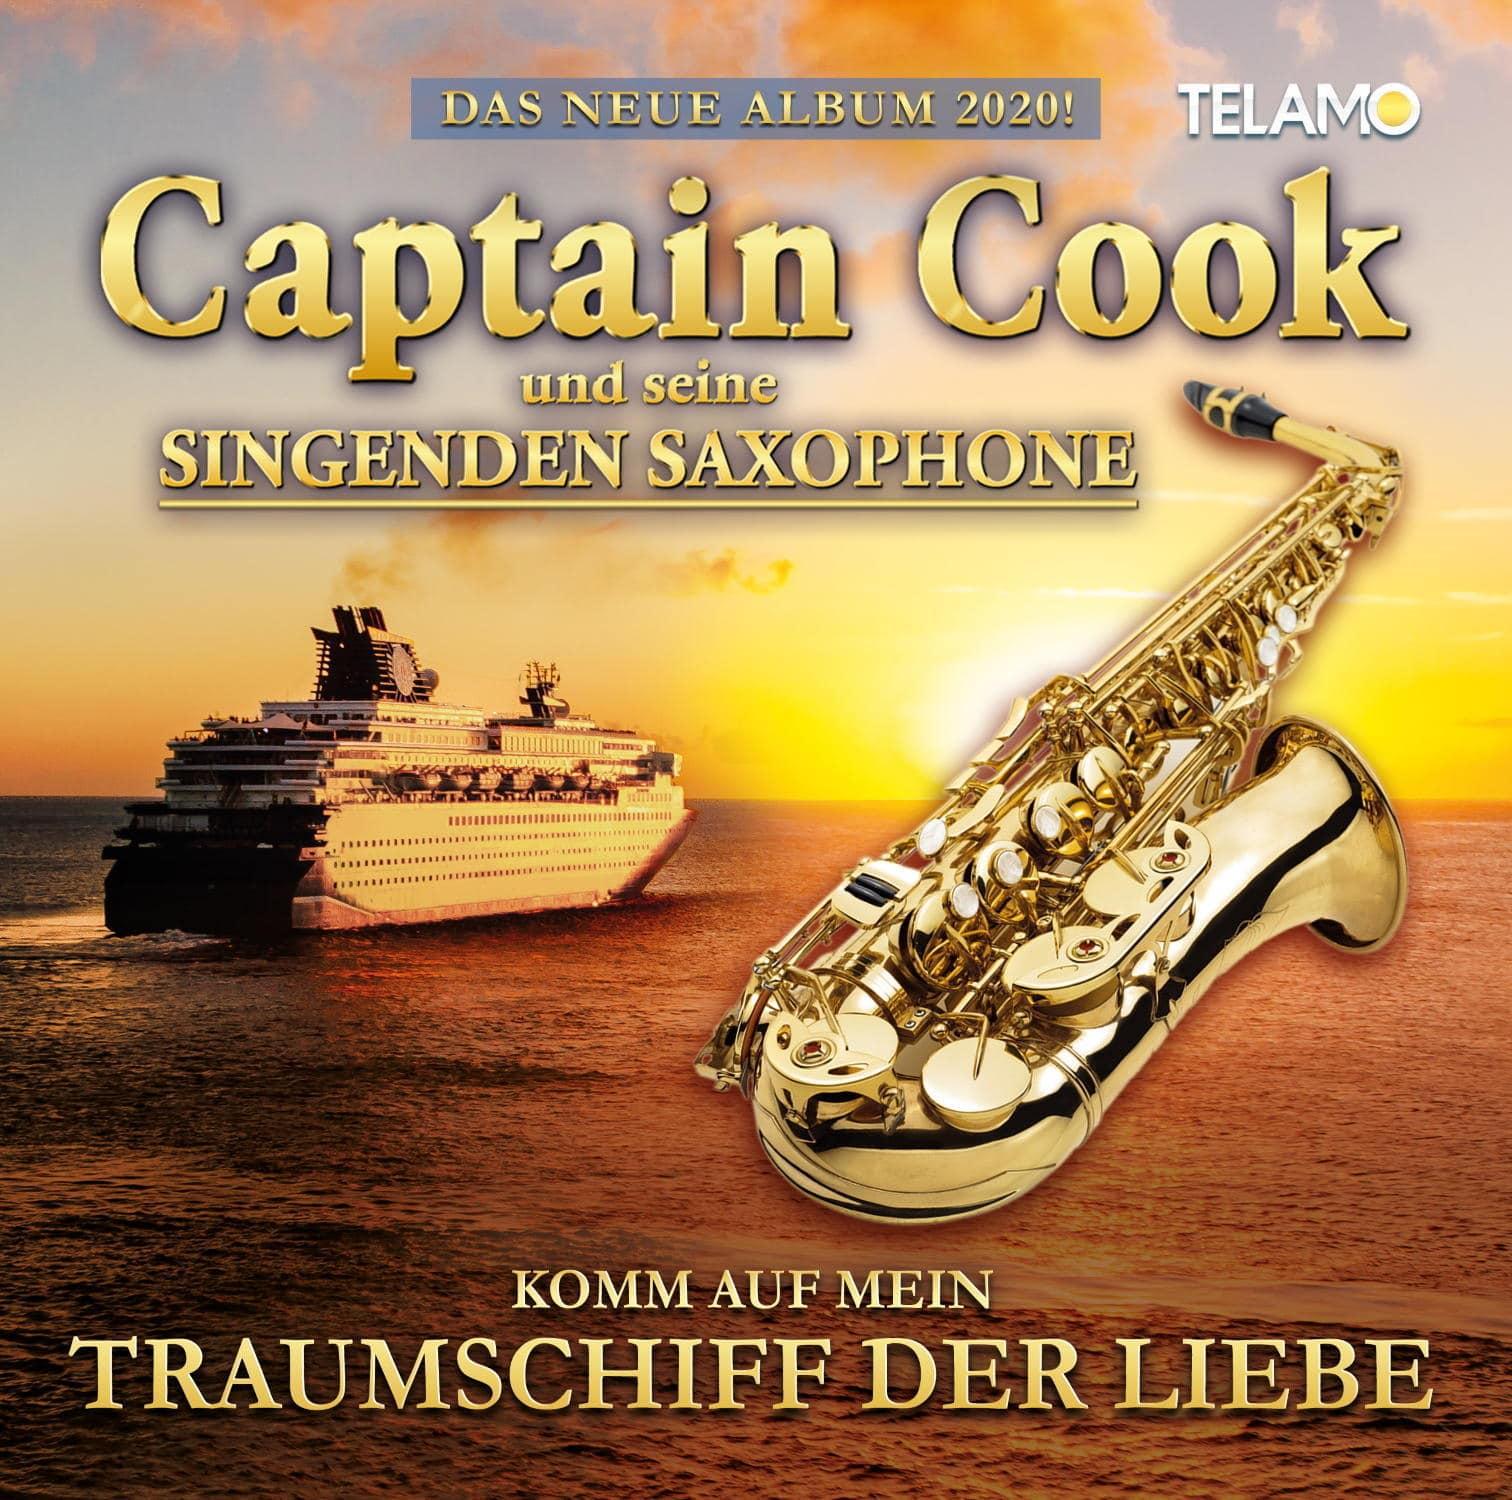 Komm auf mein Traumschiff der Liebe (Captain Cook und seine singenden Saxophone) für 17,54 Euro